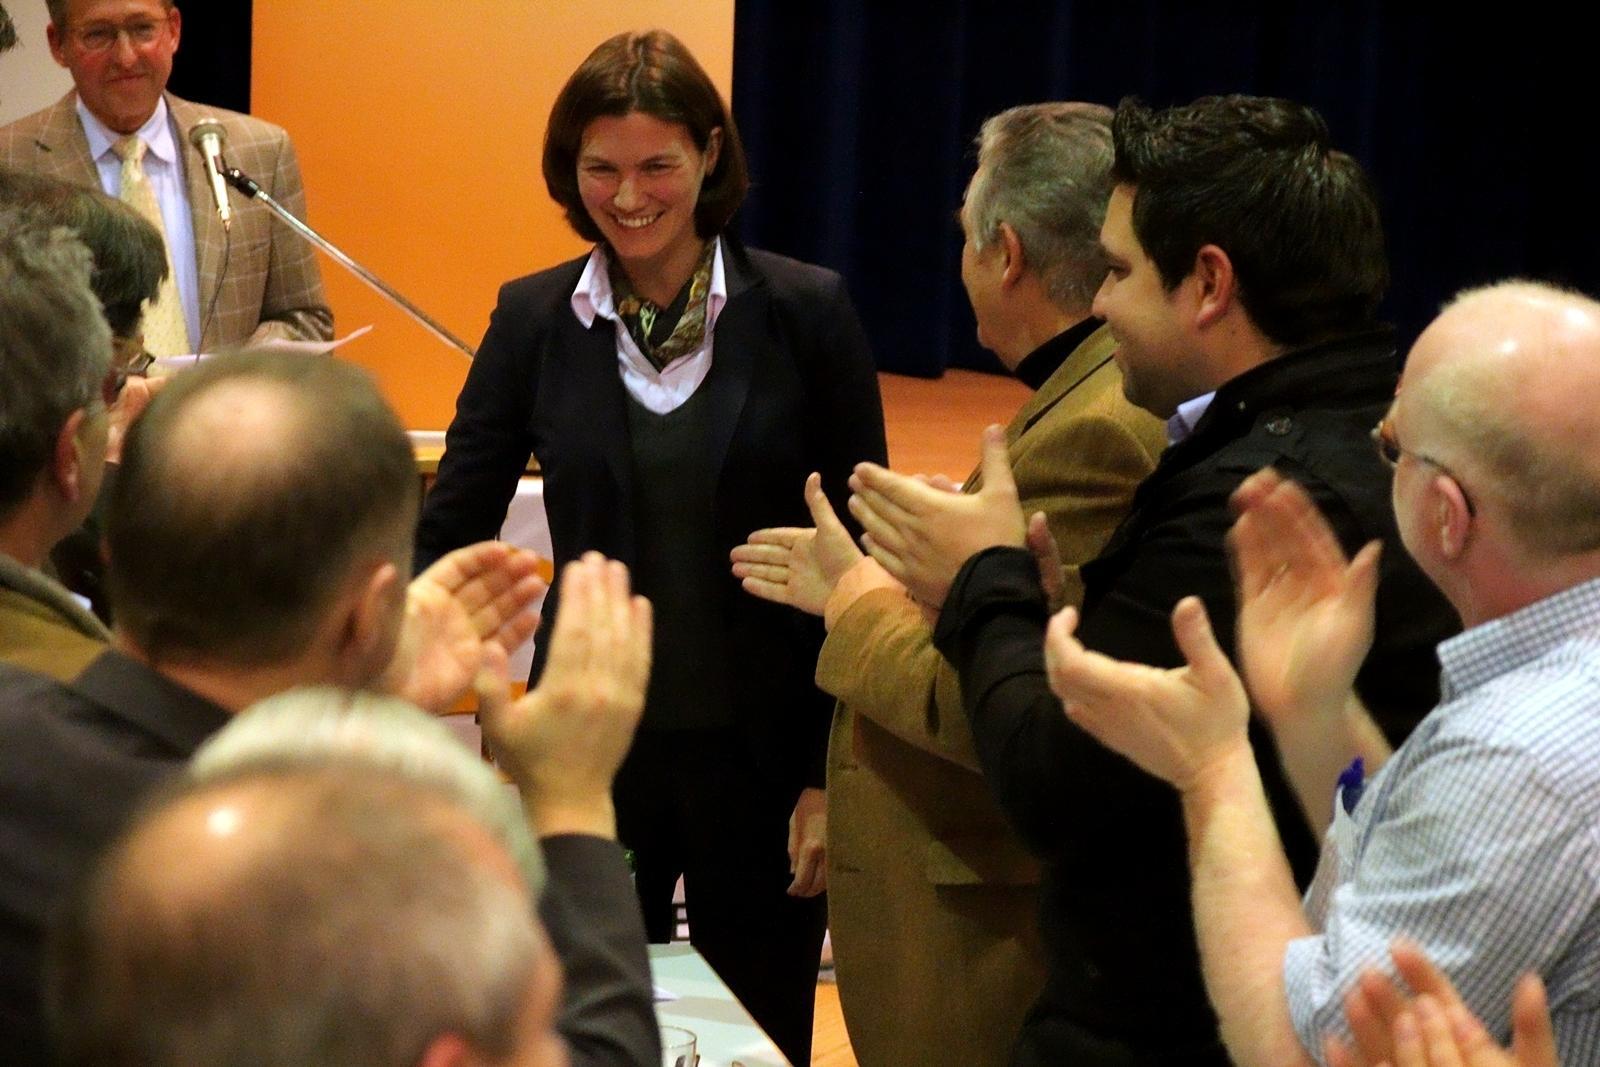 Nach dem hervorragenden Ergebnis zur Nominierung als Landrätin nimmt Tanja Schweiger zahlreiche Glückwünsche entgegen.